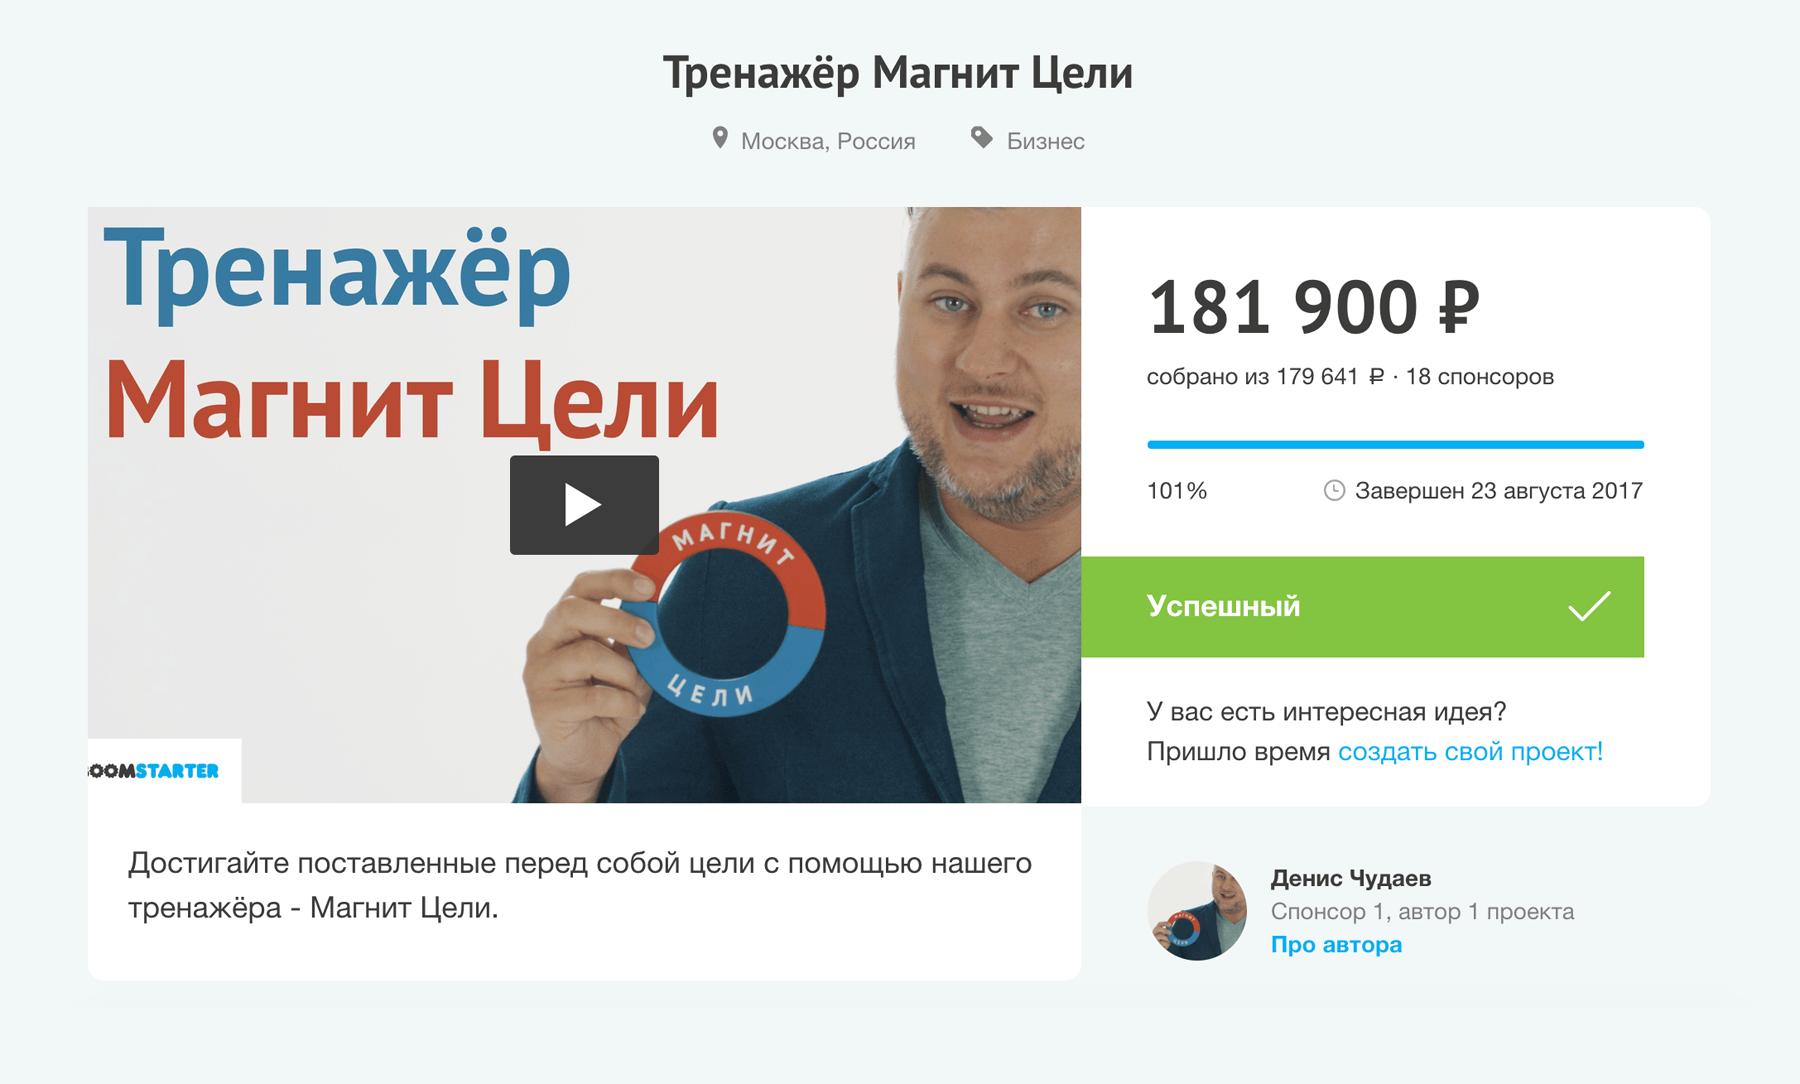 Тренажер Магнит Цели